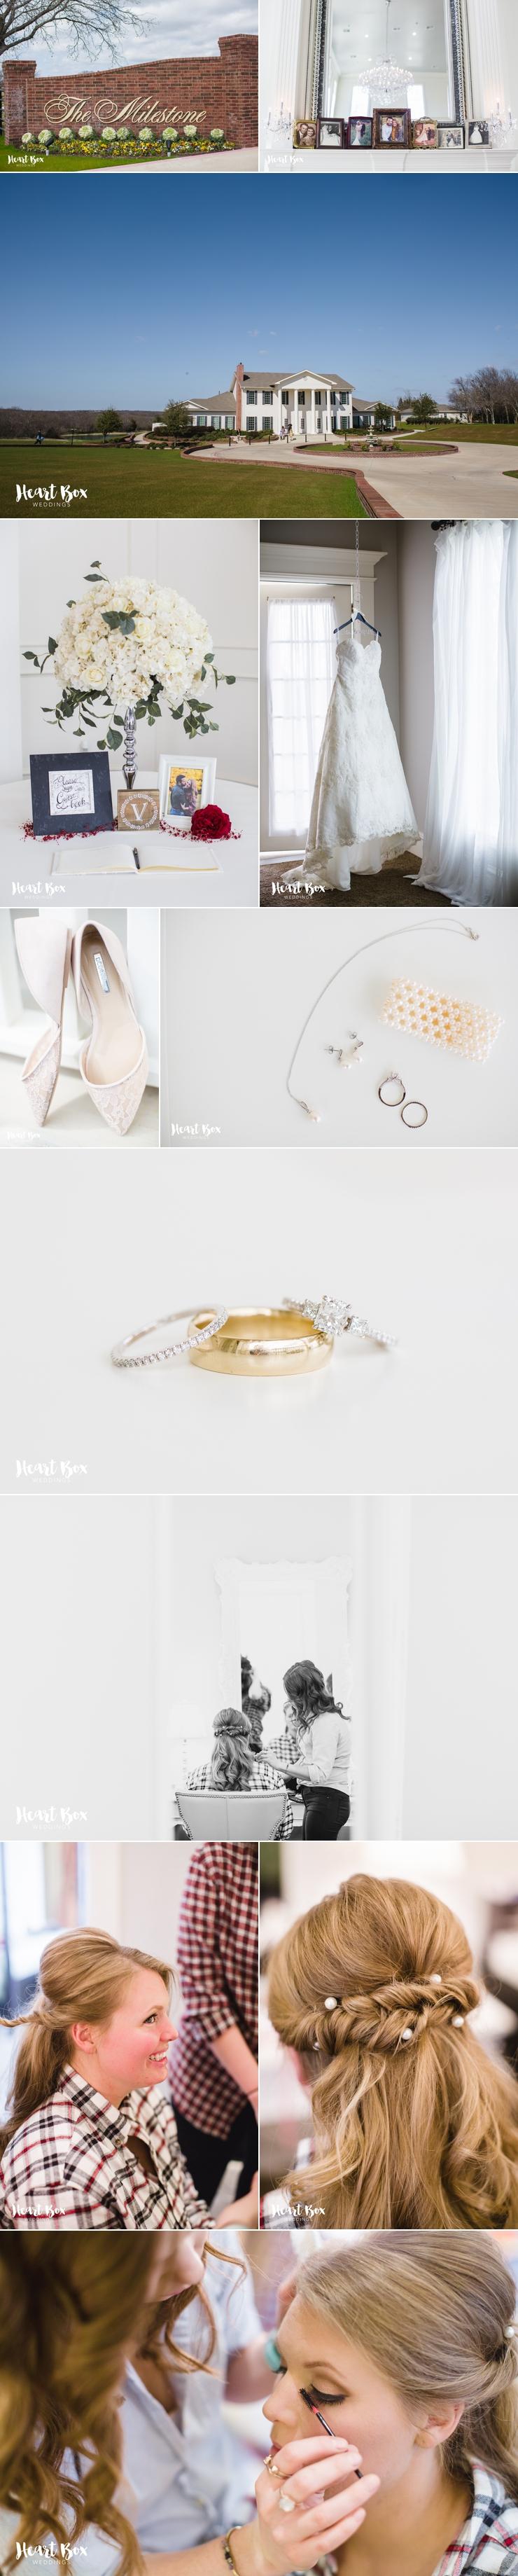 Vanderpool Wedding - Blog Collages 1.jpg